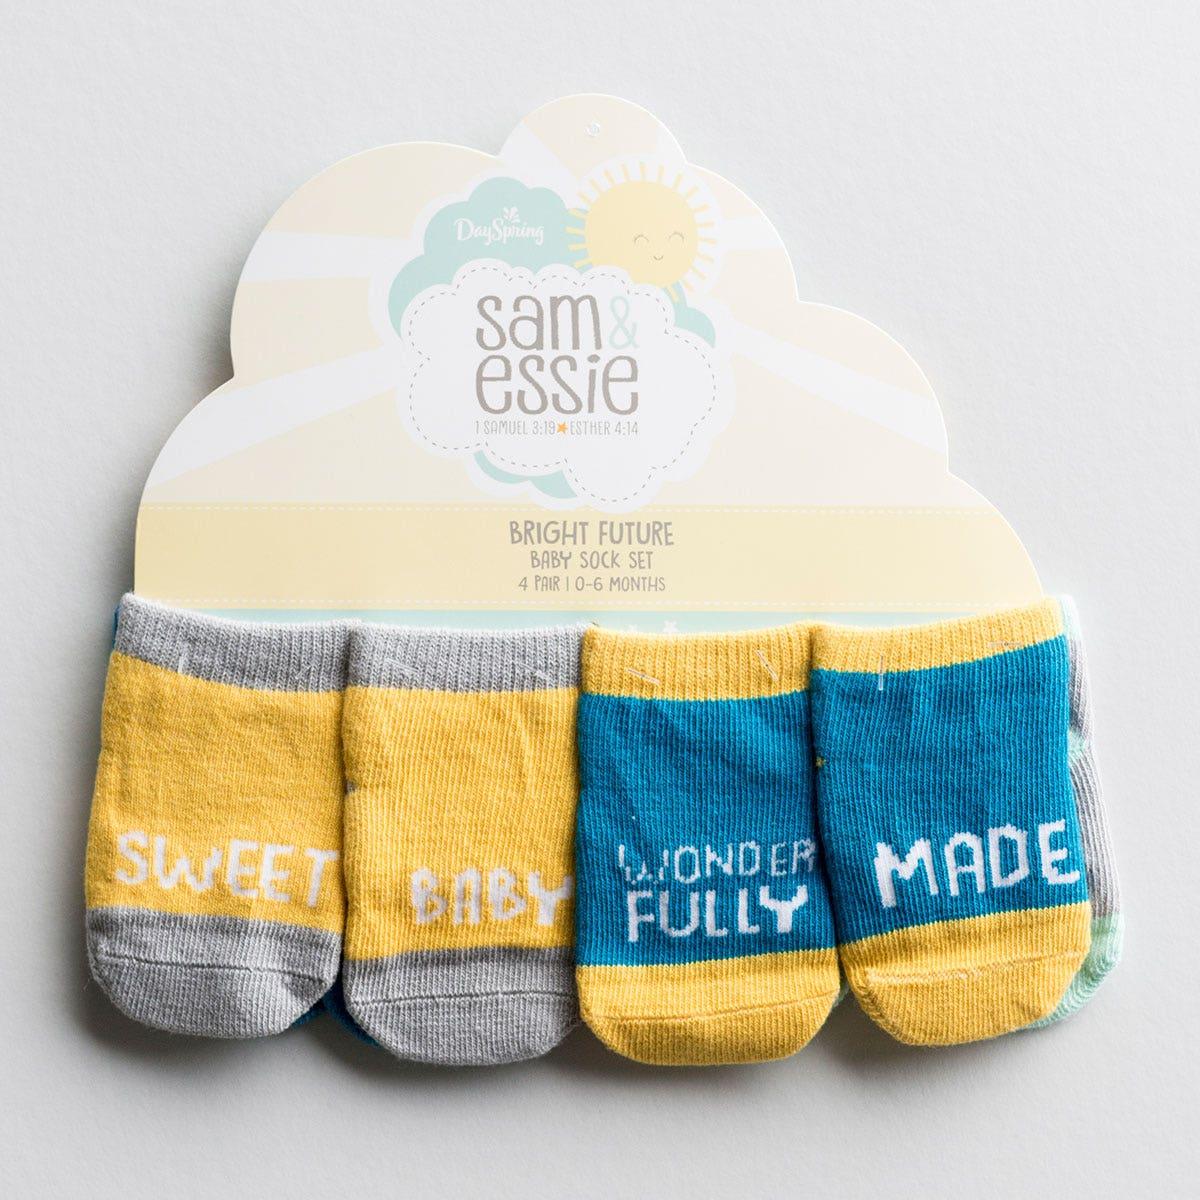 Sam & Essie - Bright Future - Baby Sock Set, 4 Pair